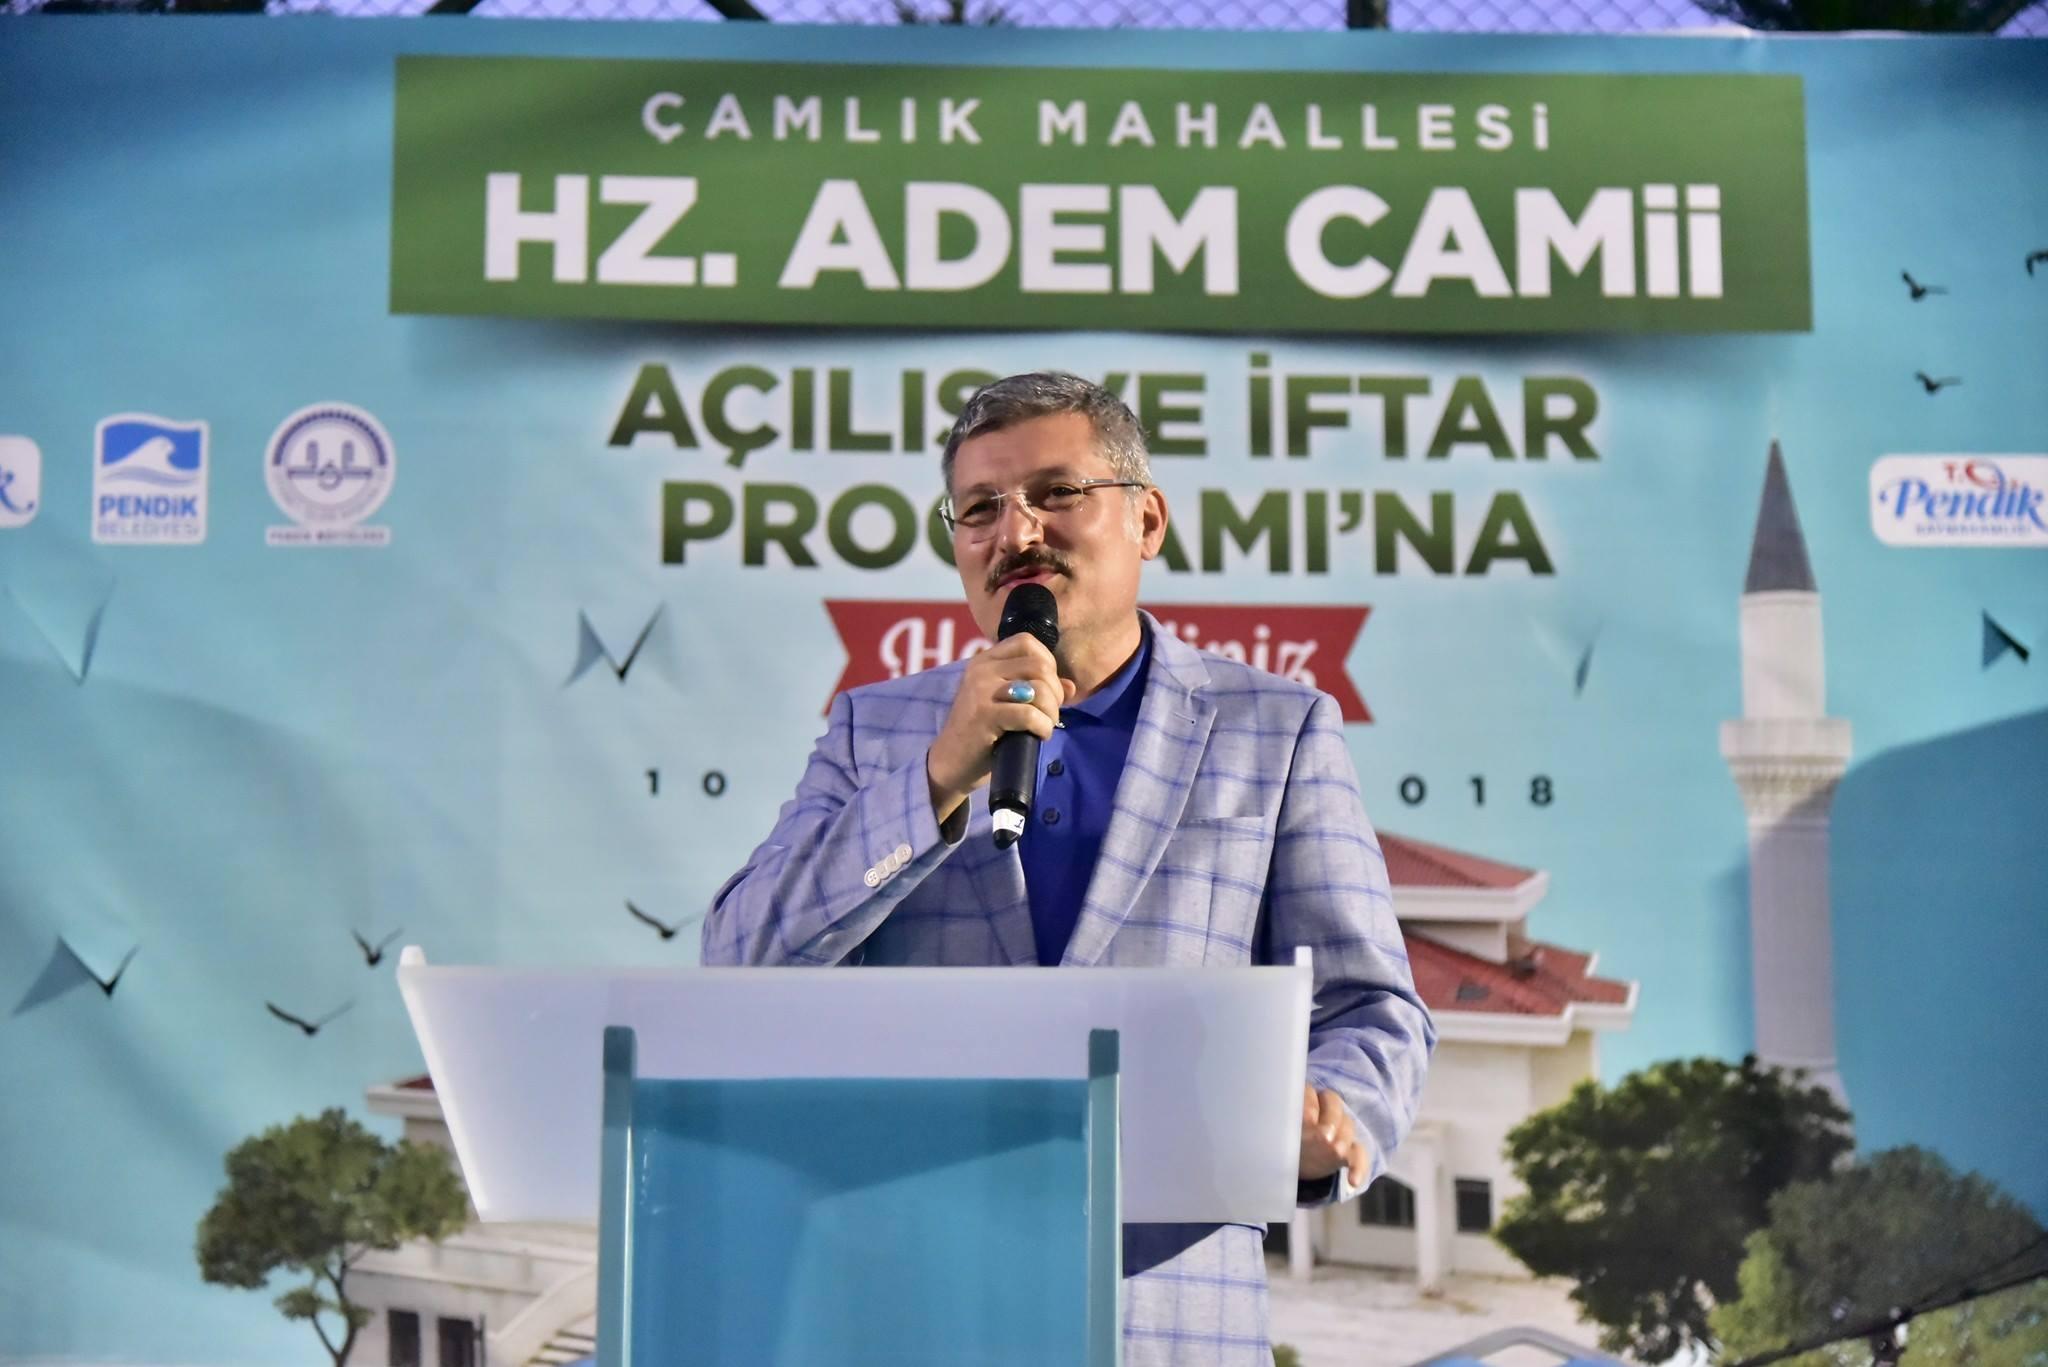 Pendik'te Çamlık Hz. Adem Camii Açıldı